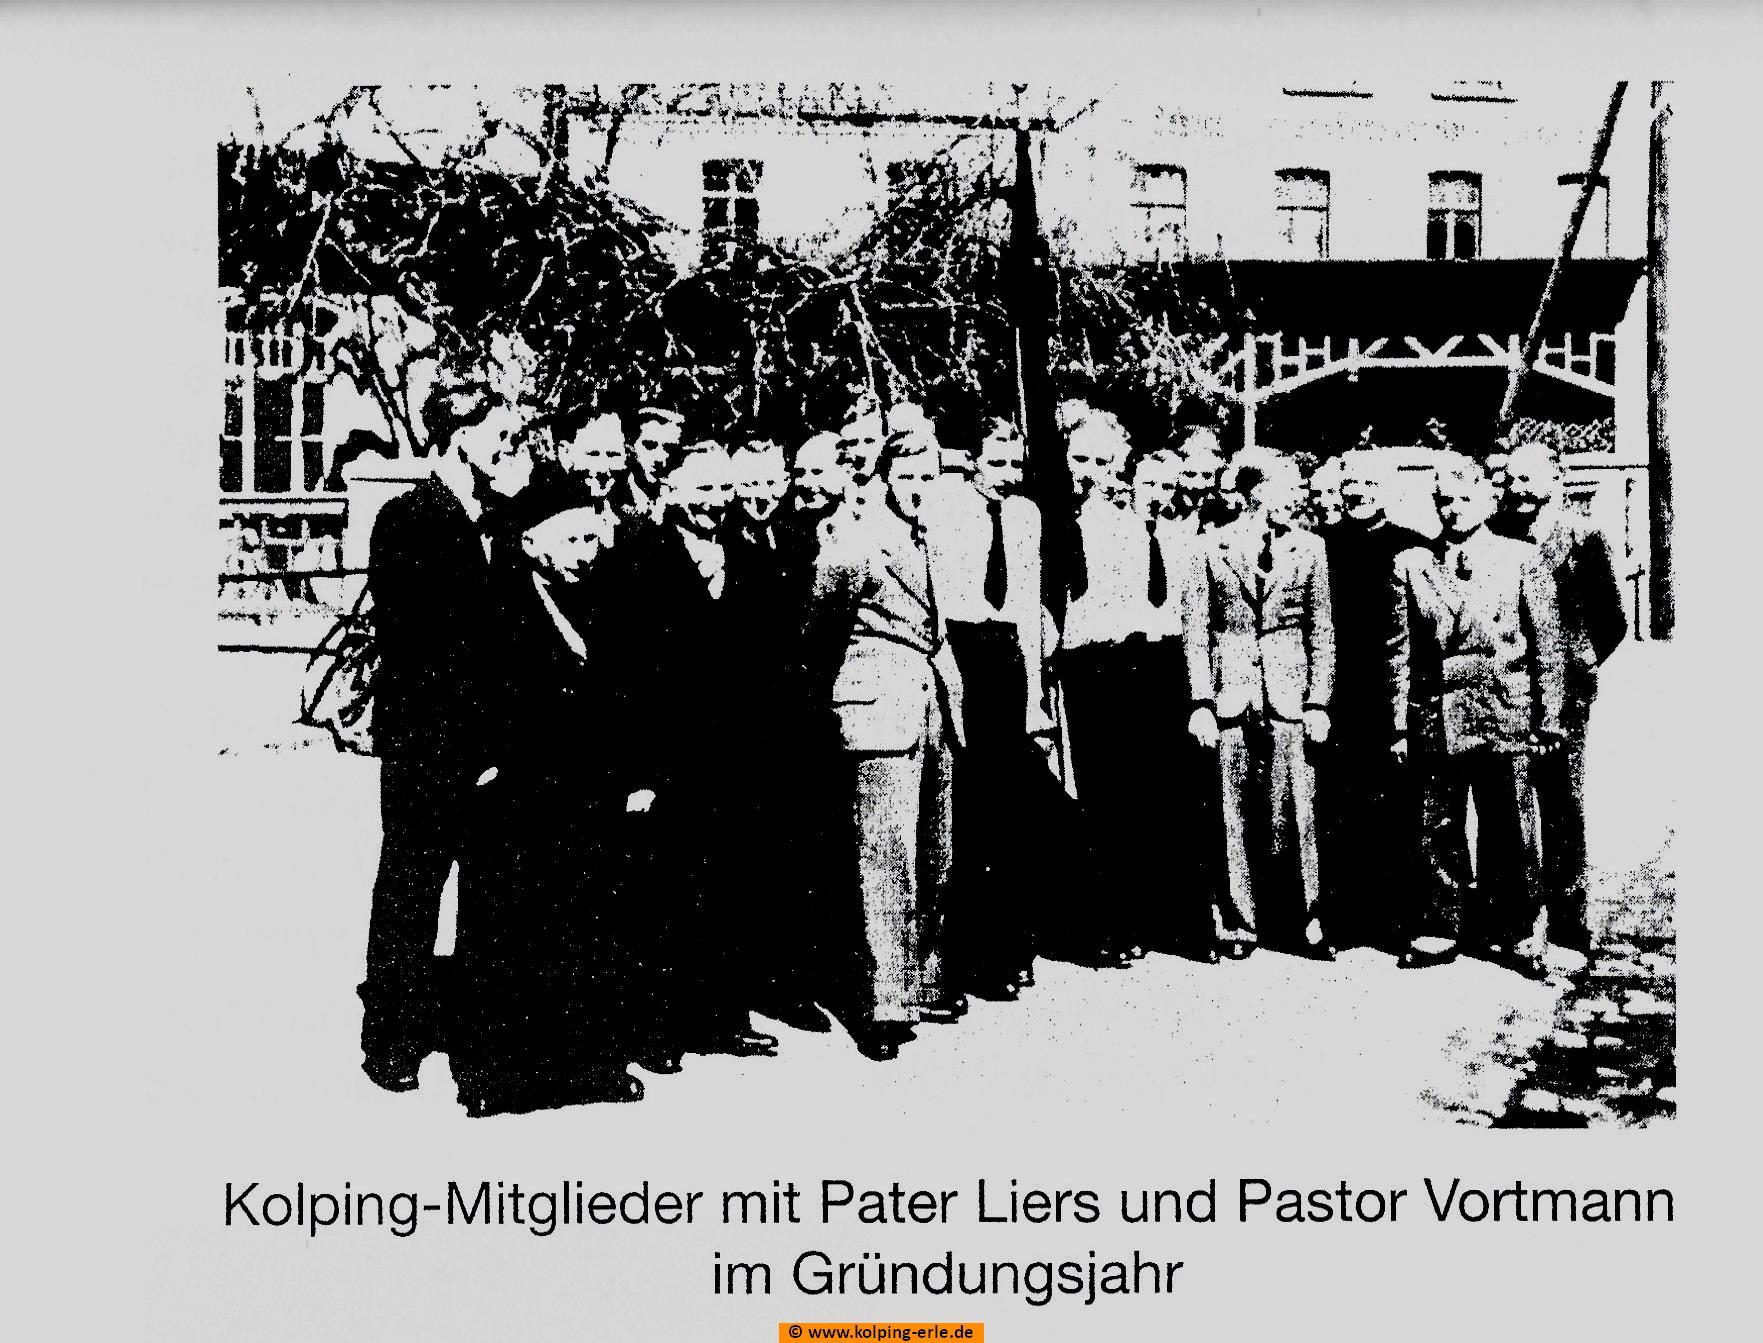 Kolping-Mitglieder im Gründungsjahr